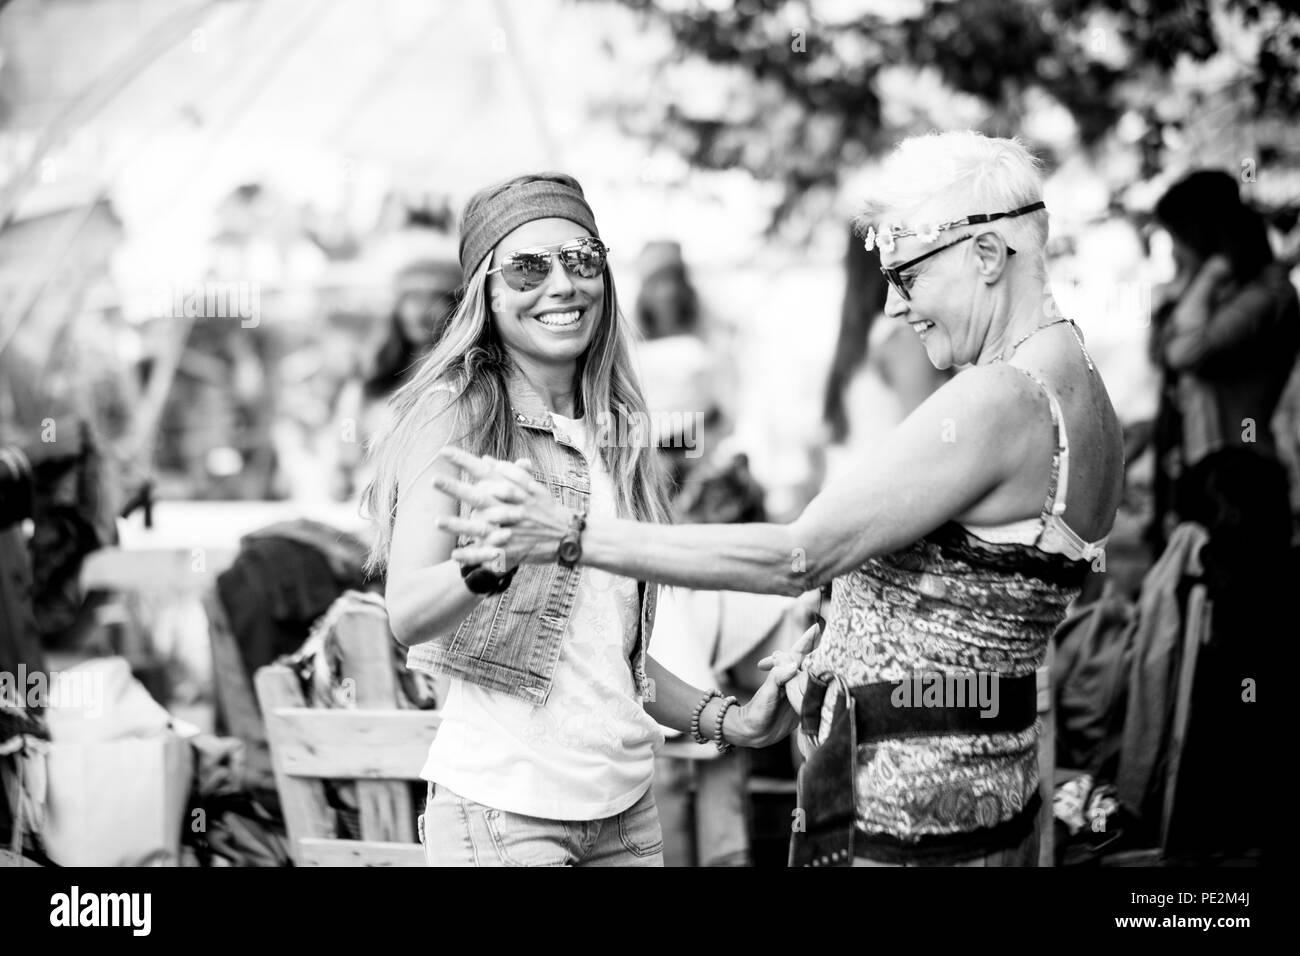 Les jeunes femmes et les filles dans l'amitié tous ensemble célébrer et s'amuser dans un lieu naturel bio. Sourires et rire pour le groupe de hippies personnes al Photo Stock